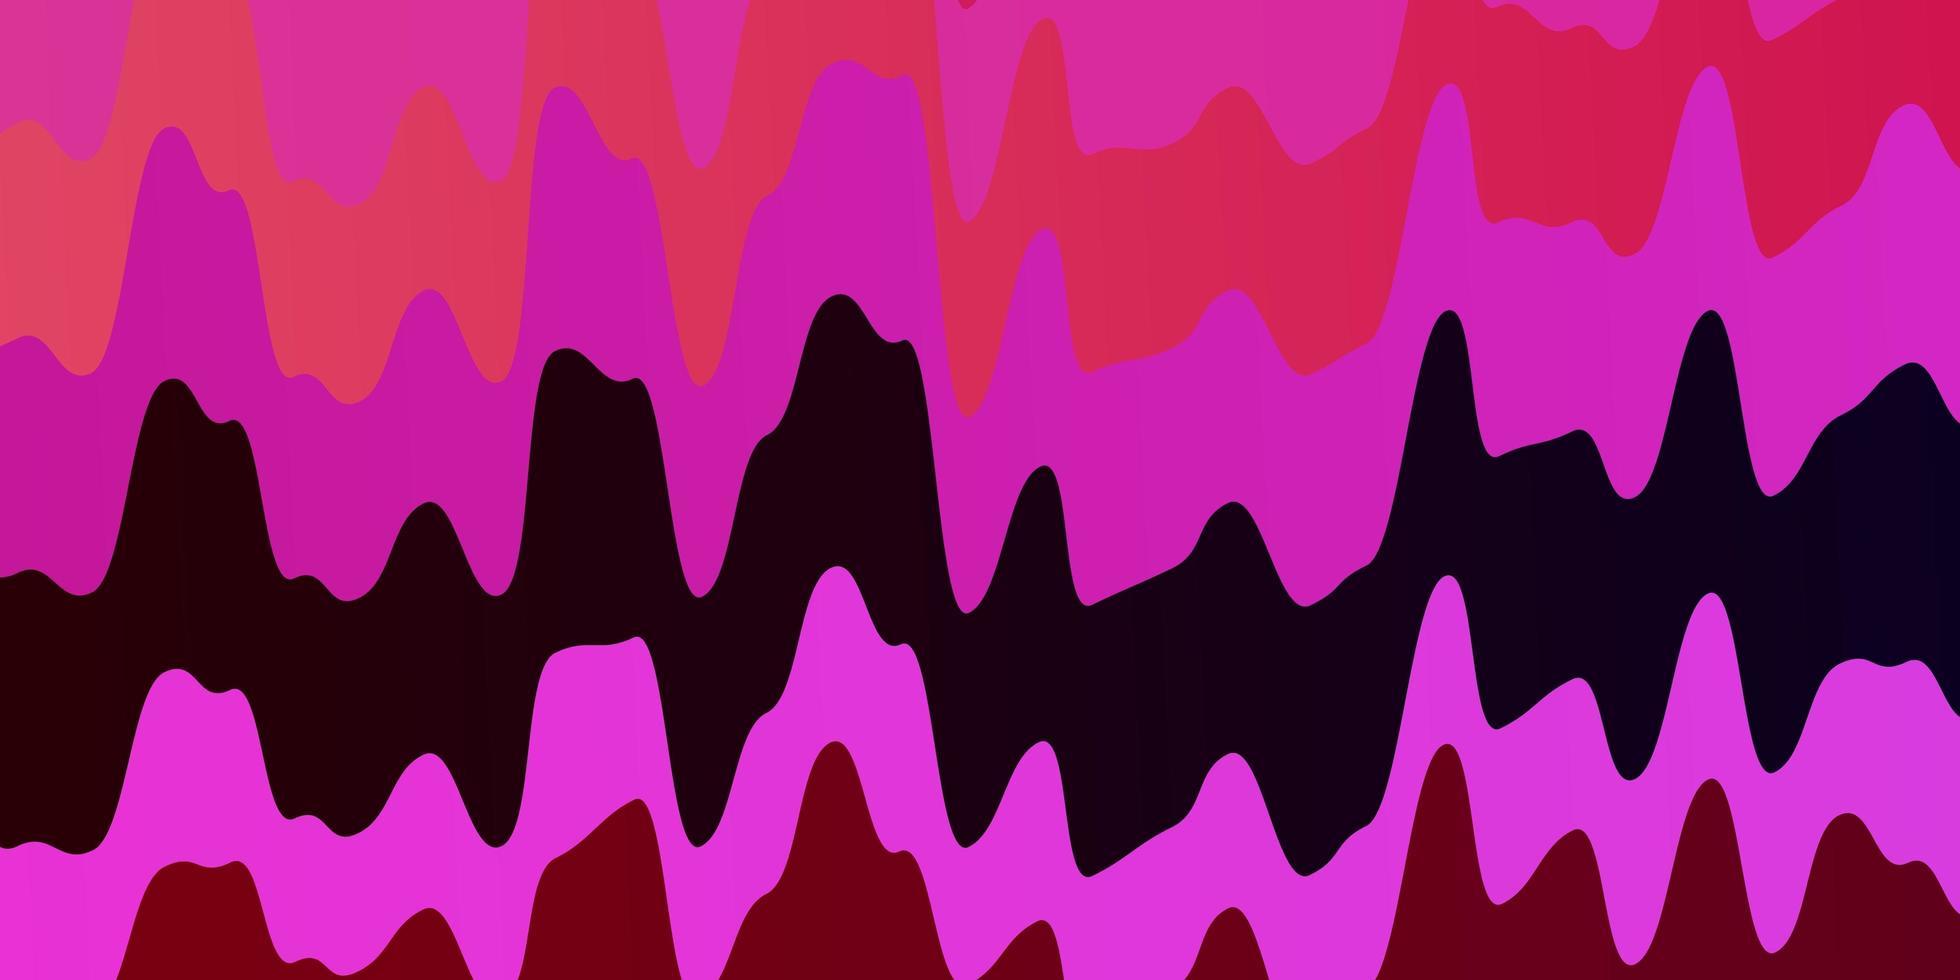 mise en page rose avec des courbes vecteur